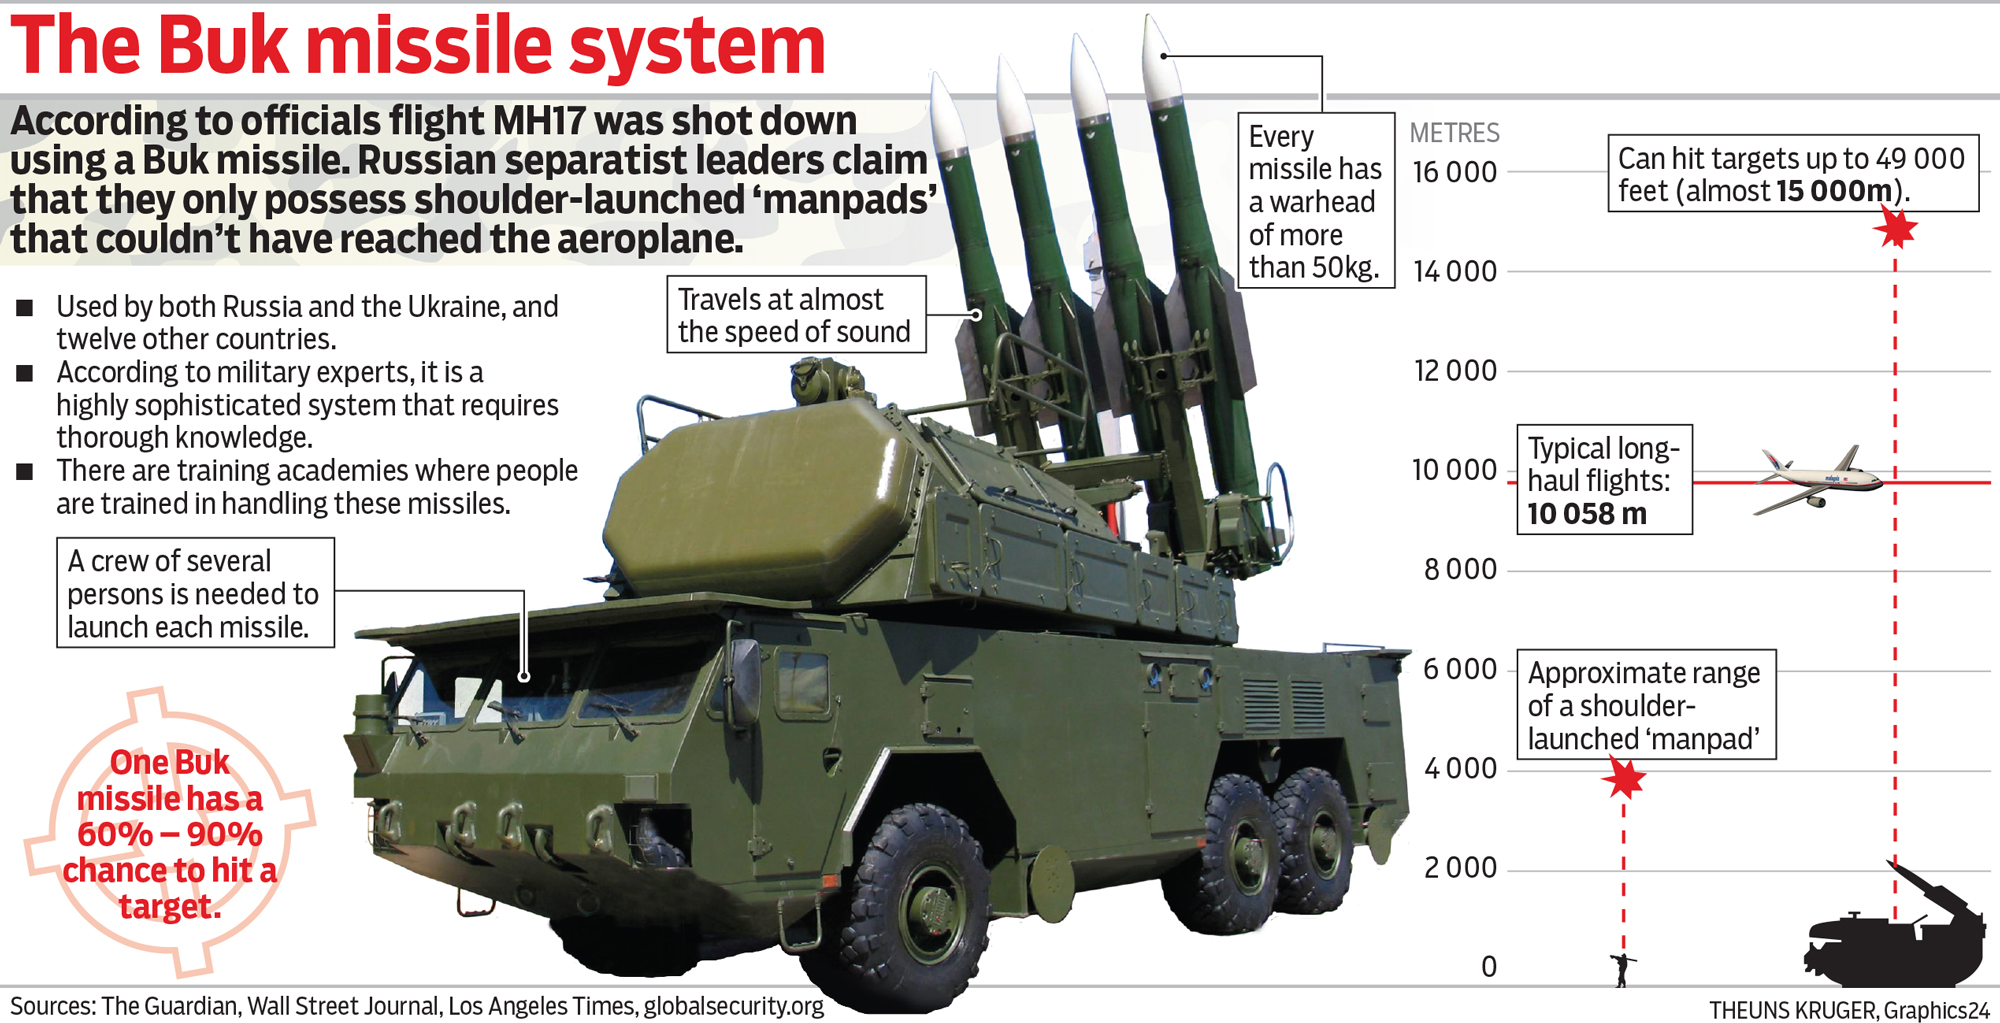 الجزائر تقتني منظومات الدفاع الجوي Buk-M2   - صفحة 2 The-Buk-missile-system-WP